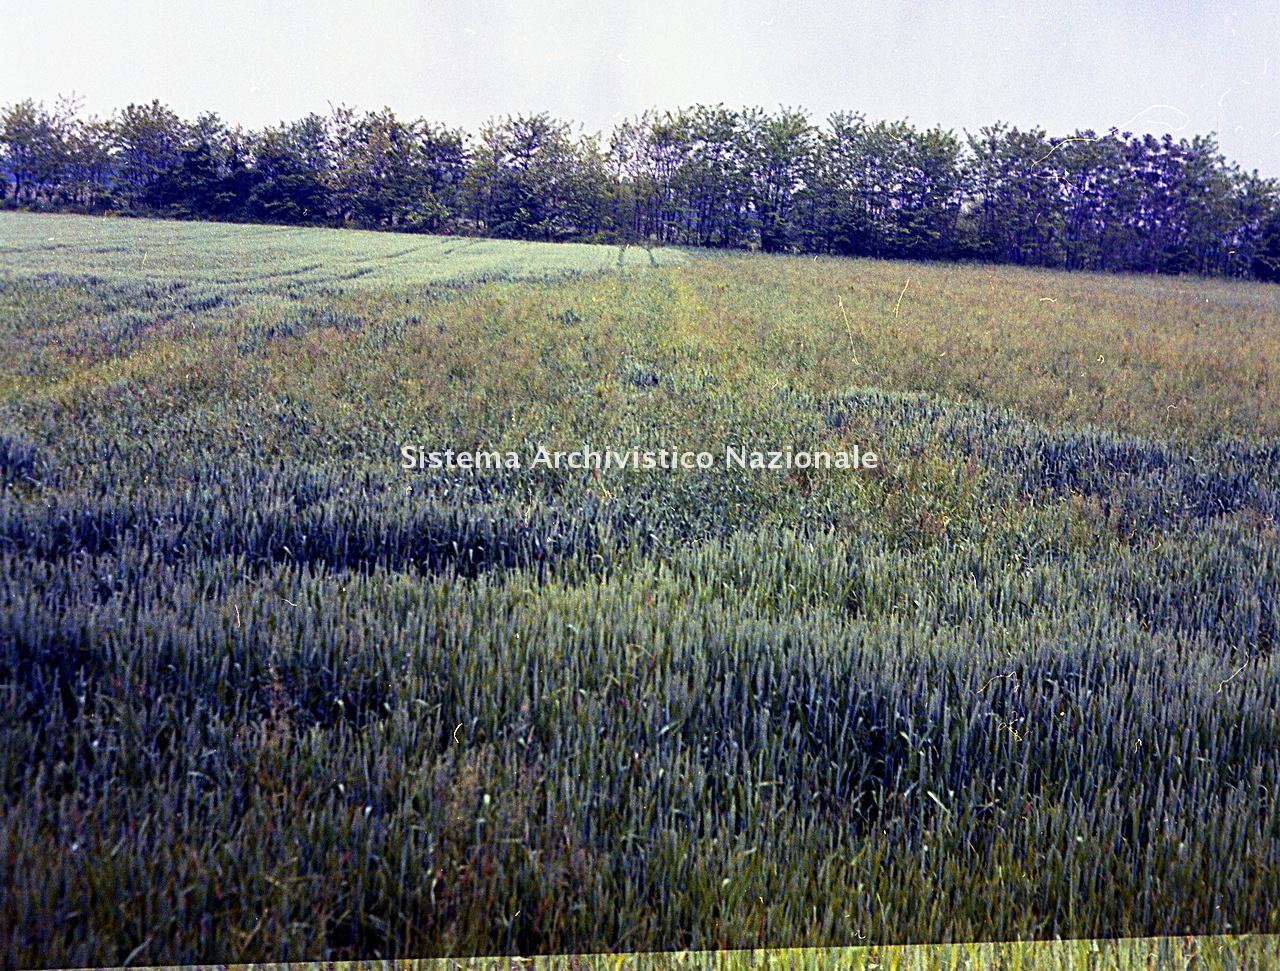 Archivio di Stato di Bergamo, Ispettorato provinciale dell'alimentazione, Ispettorato provinciale dell'agricoltura, Schedario fotografico dell'ex Servizio provinciale Foreste e Alimentazione (1961/1983),4.3: Agricoltura - calamità, ---, 2_4.3-042